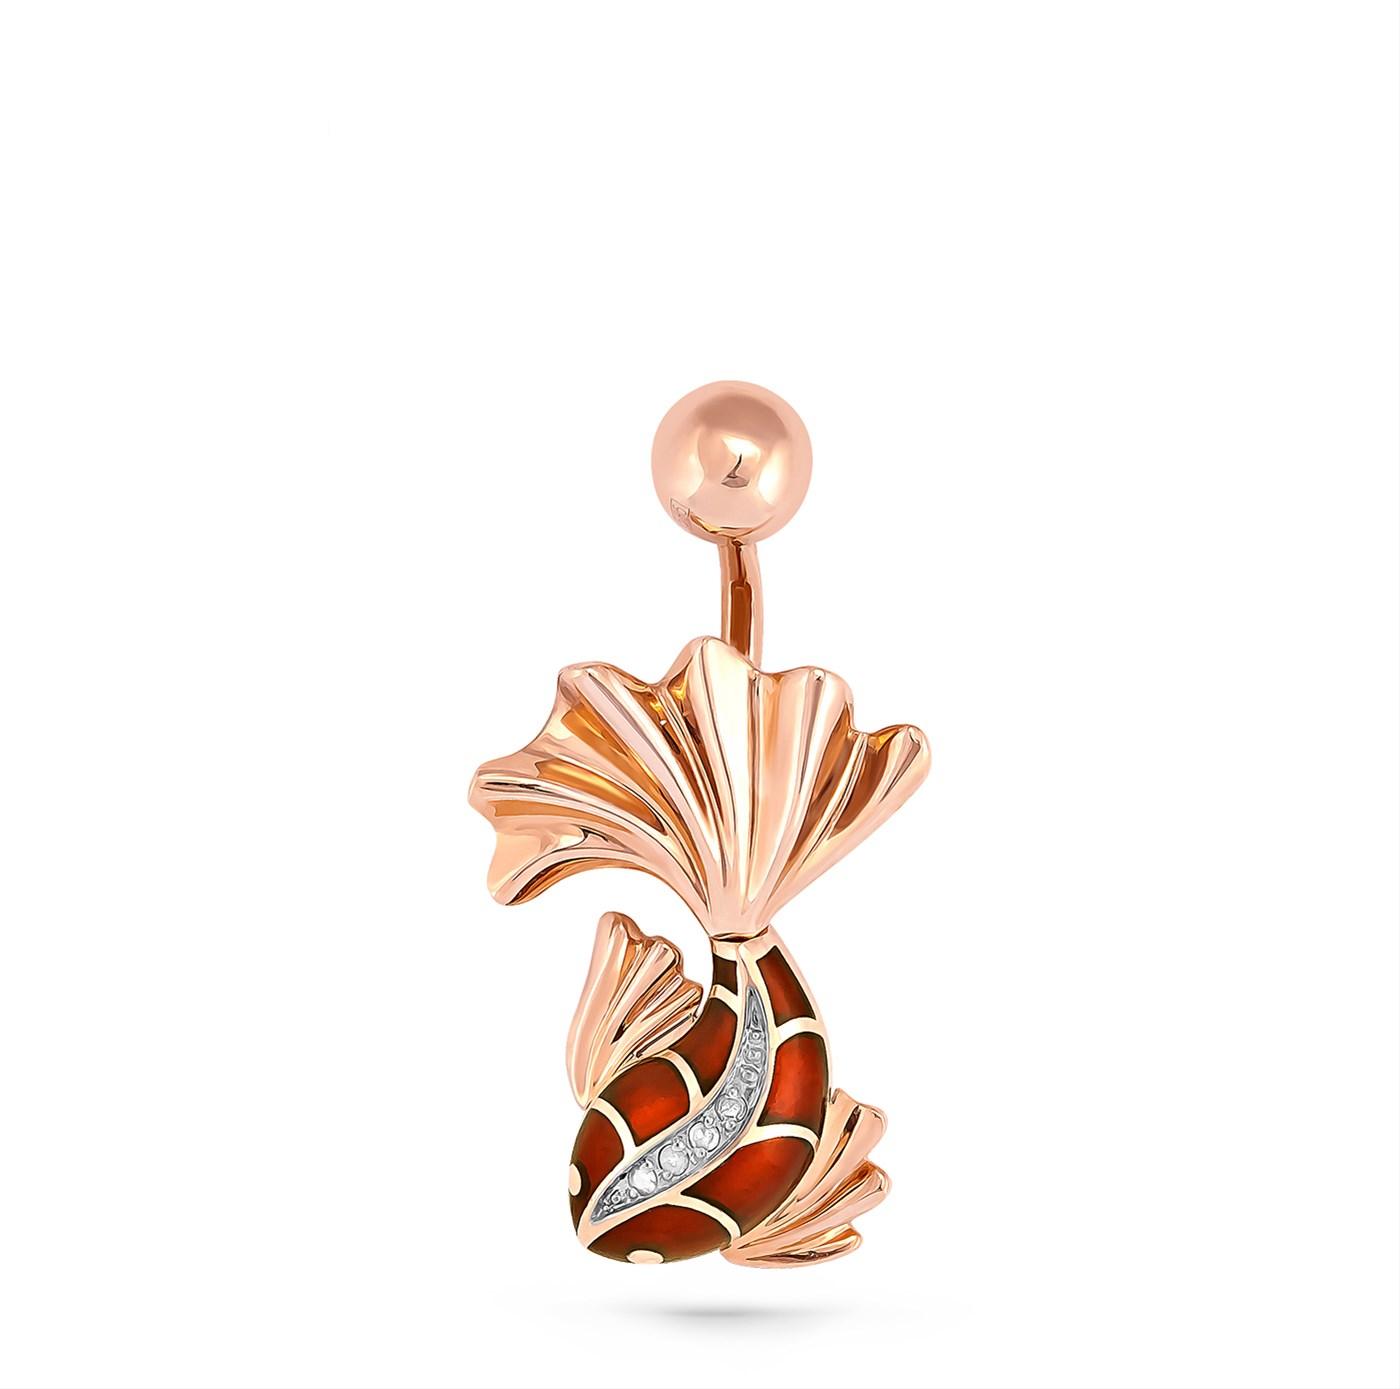 Золотой пирсинг с бриллиантом арт. 9-0005-1013 9-0005-1013